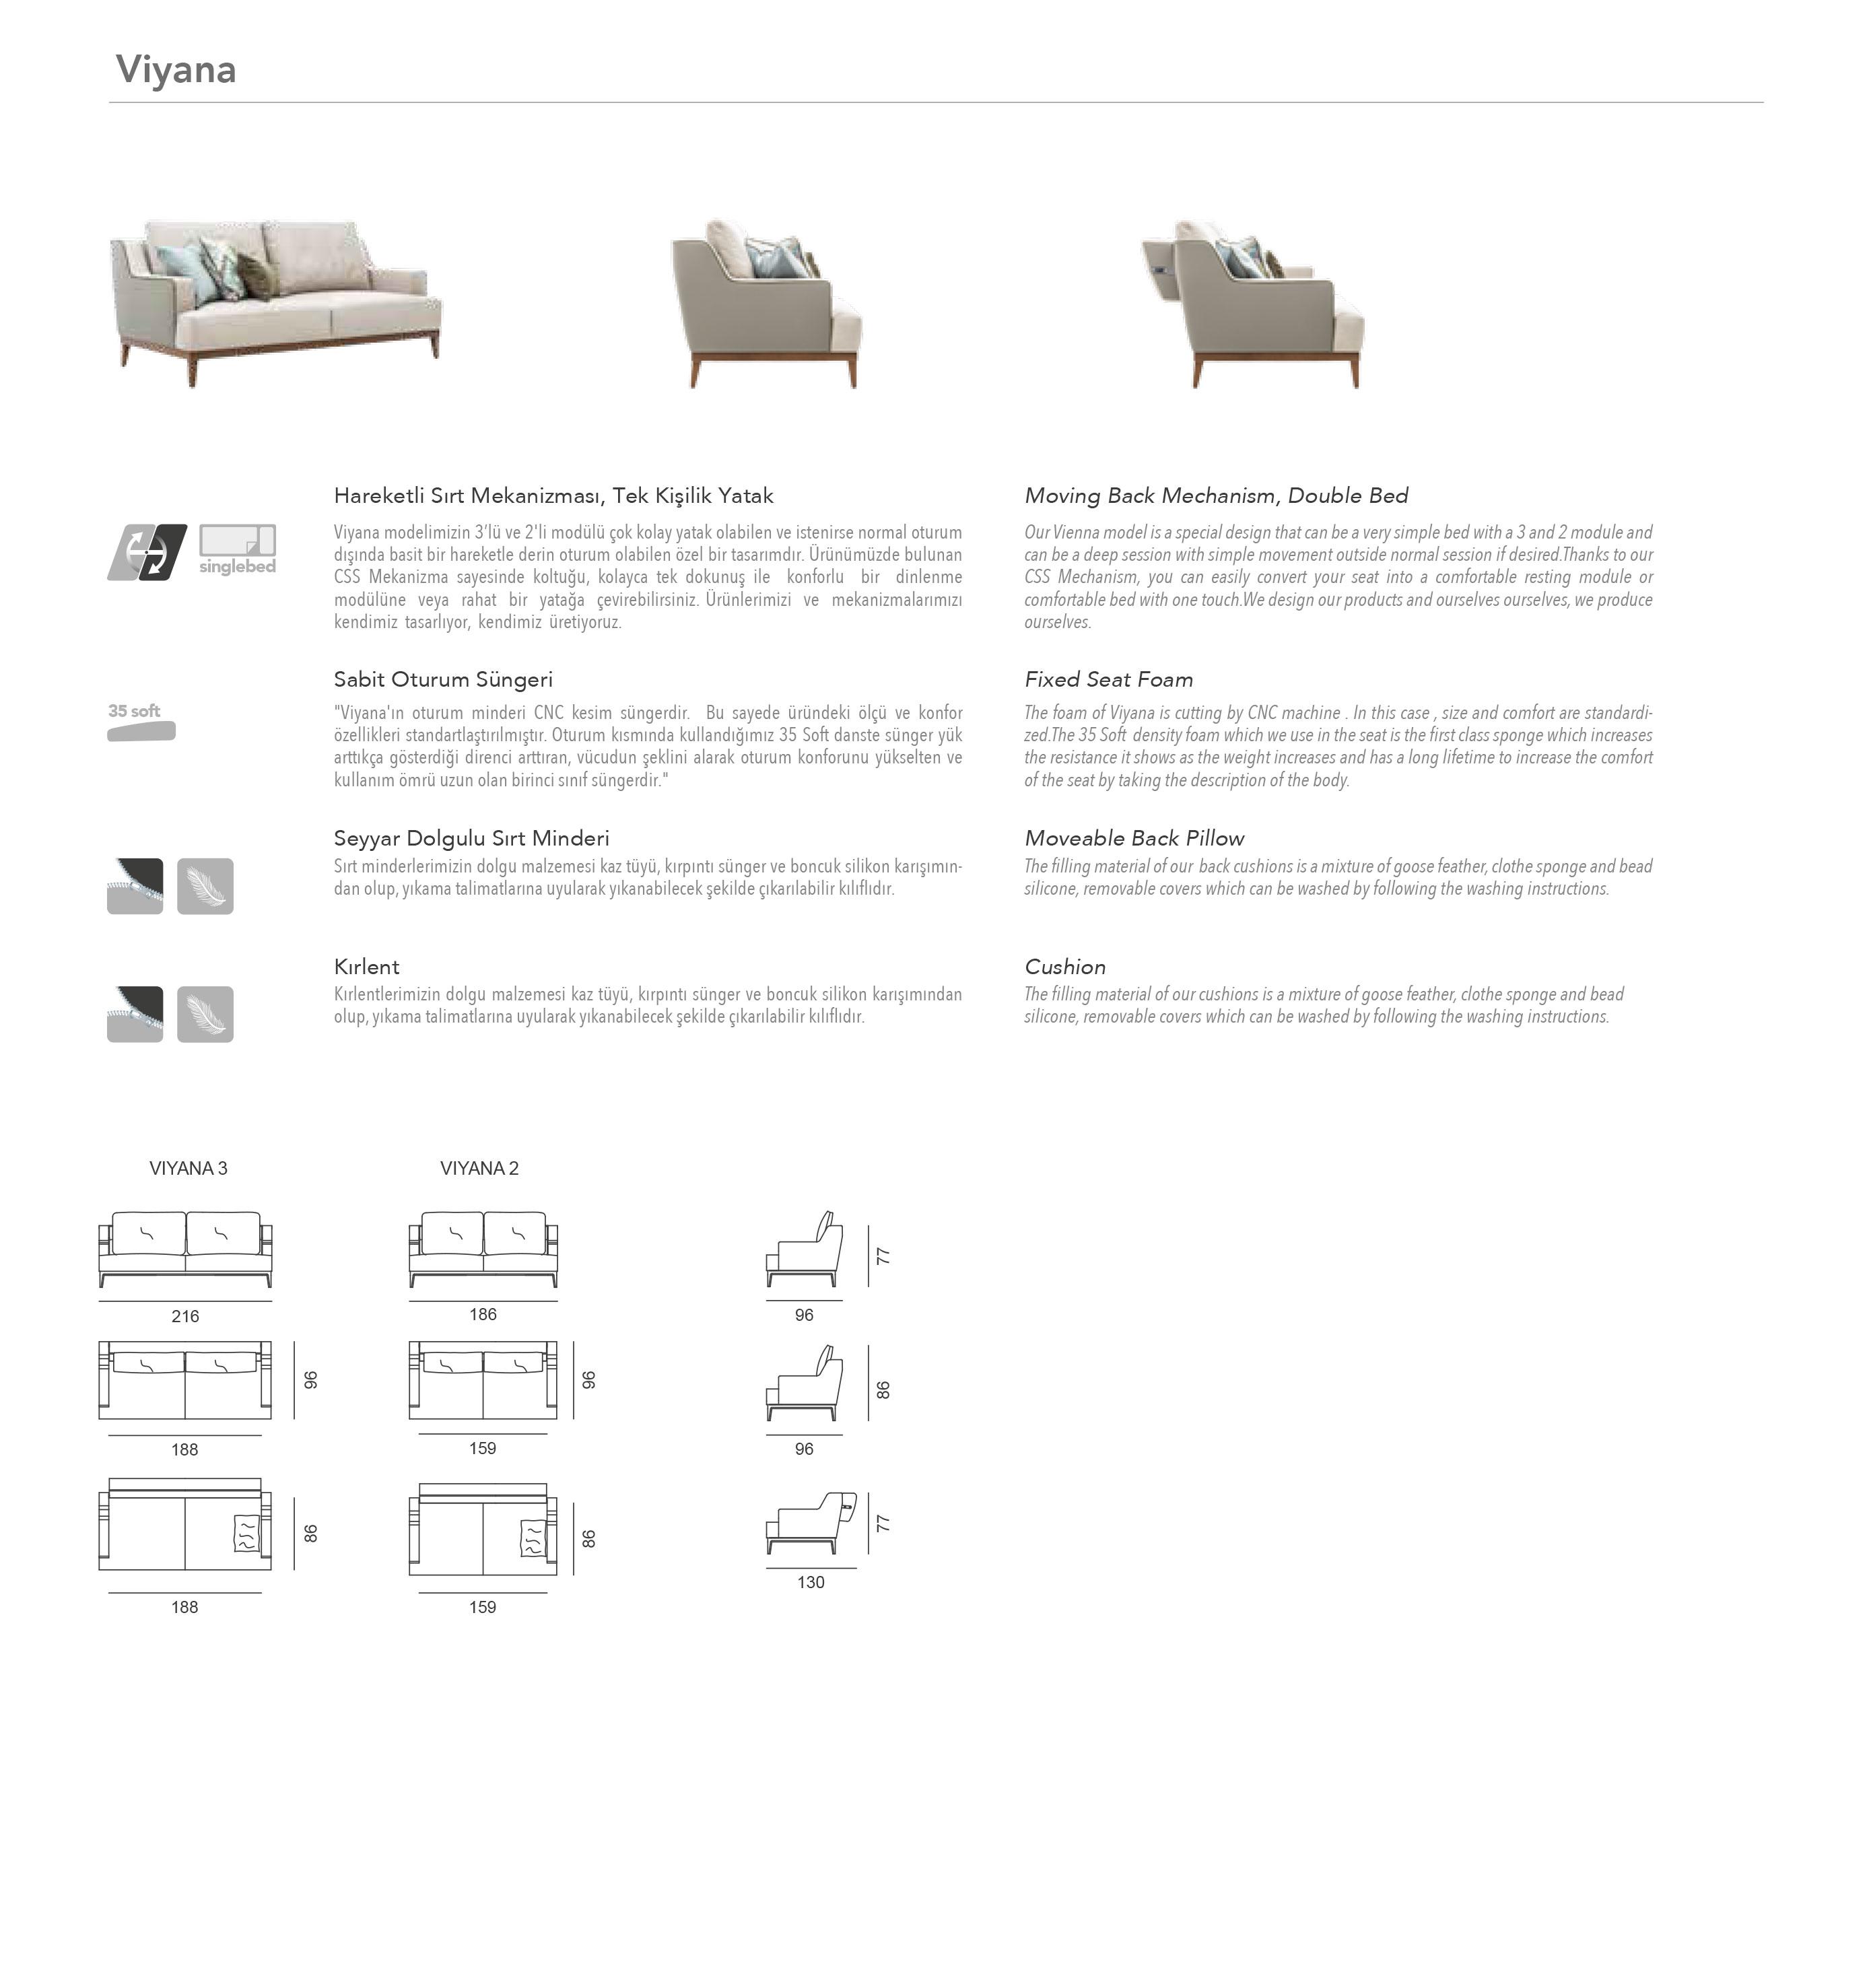 viyana-sofa-set